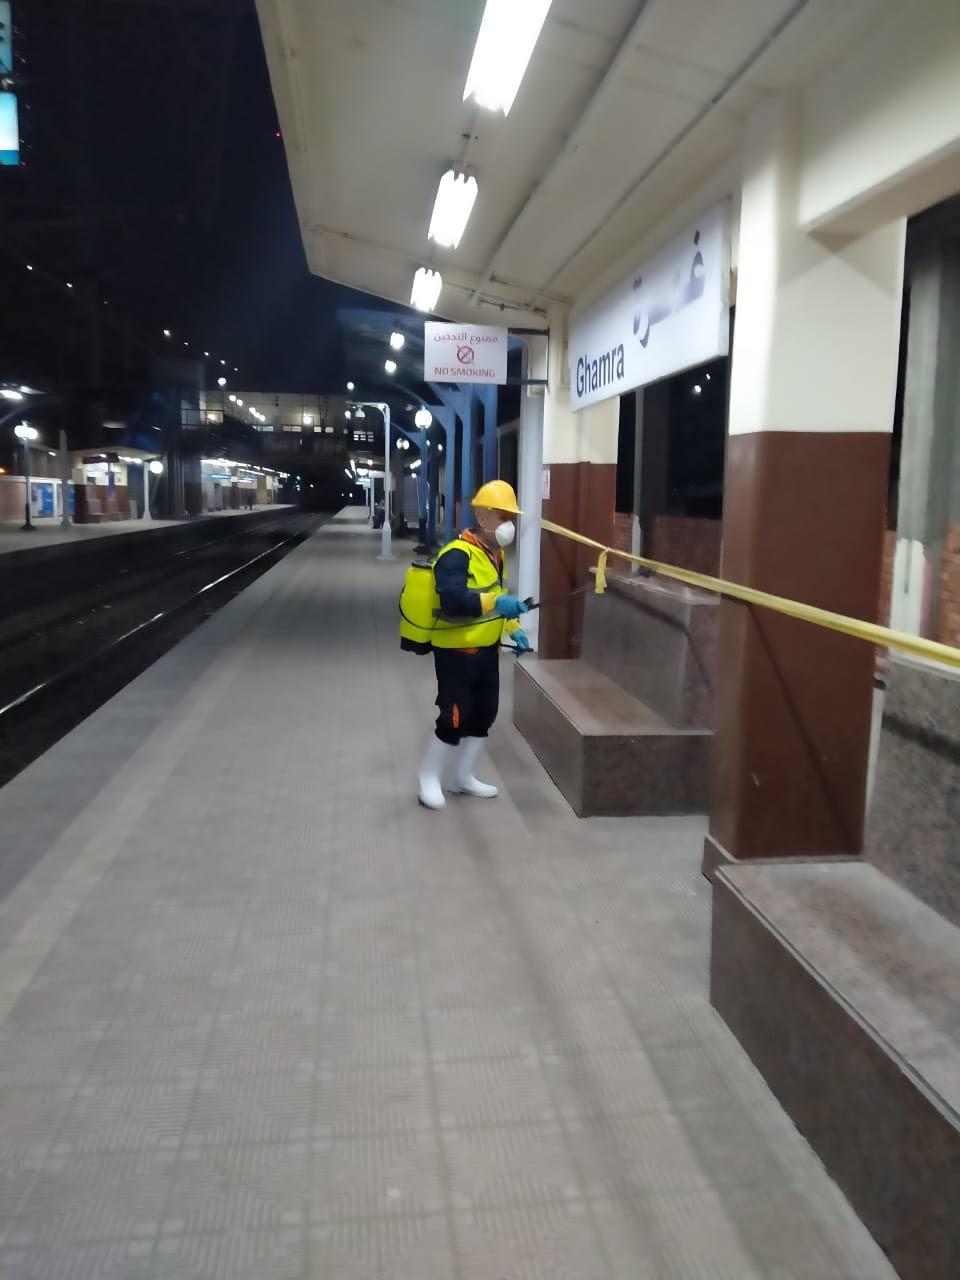 المترو يواصل أعمال تعقيم وتطهير القطارات والمحطات ضد كورونا (31)